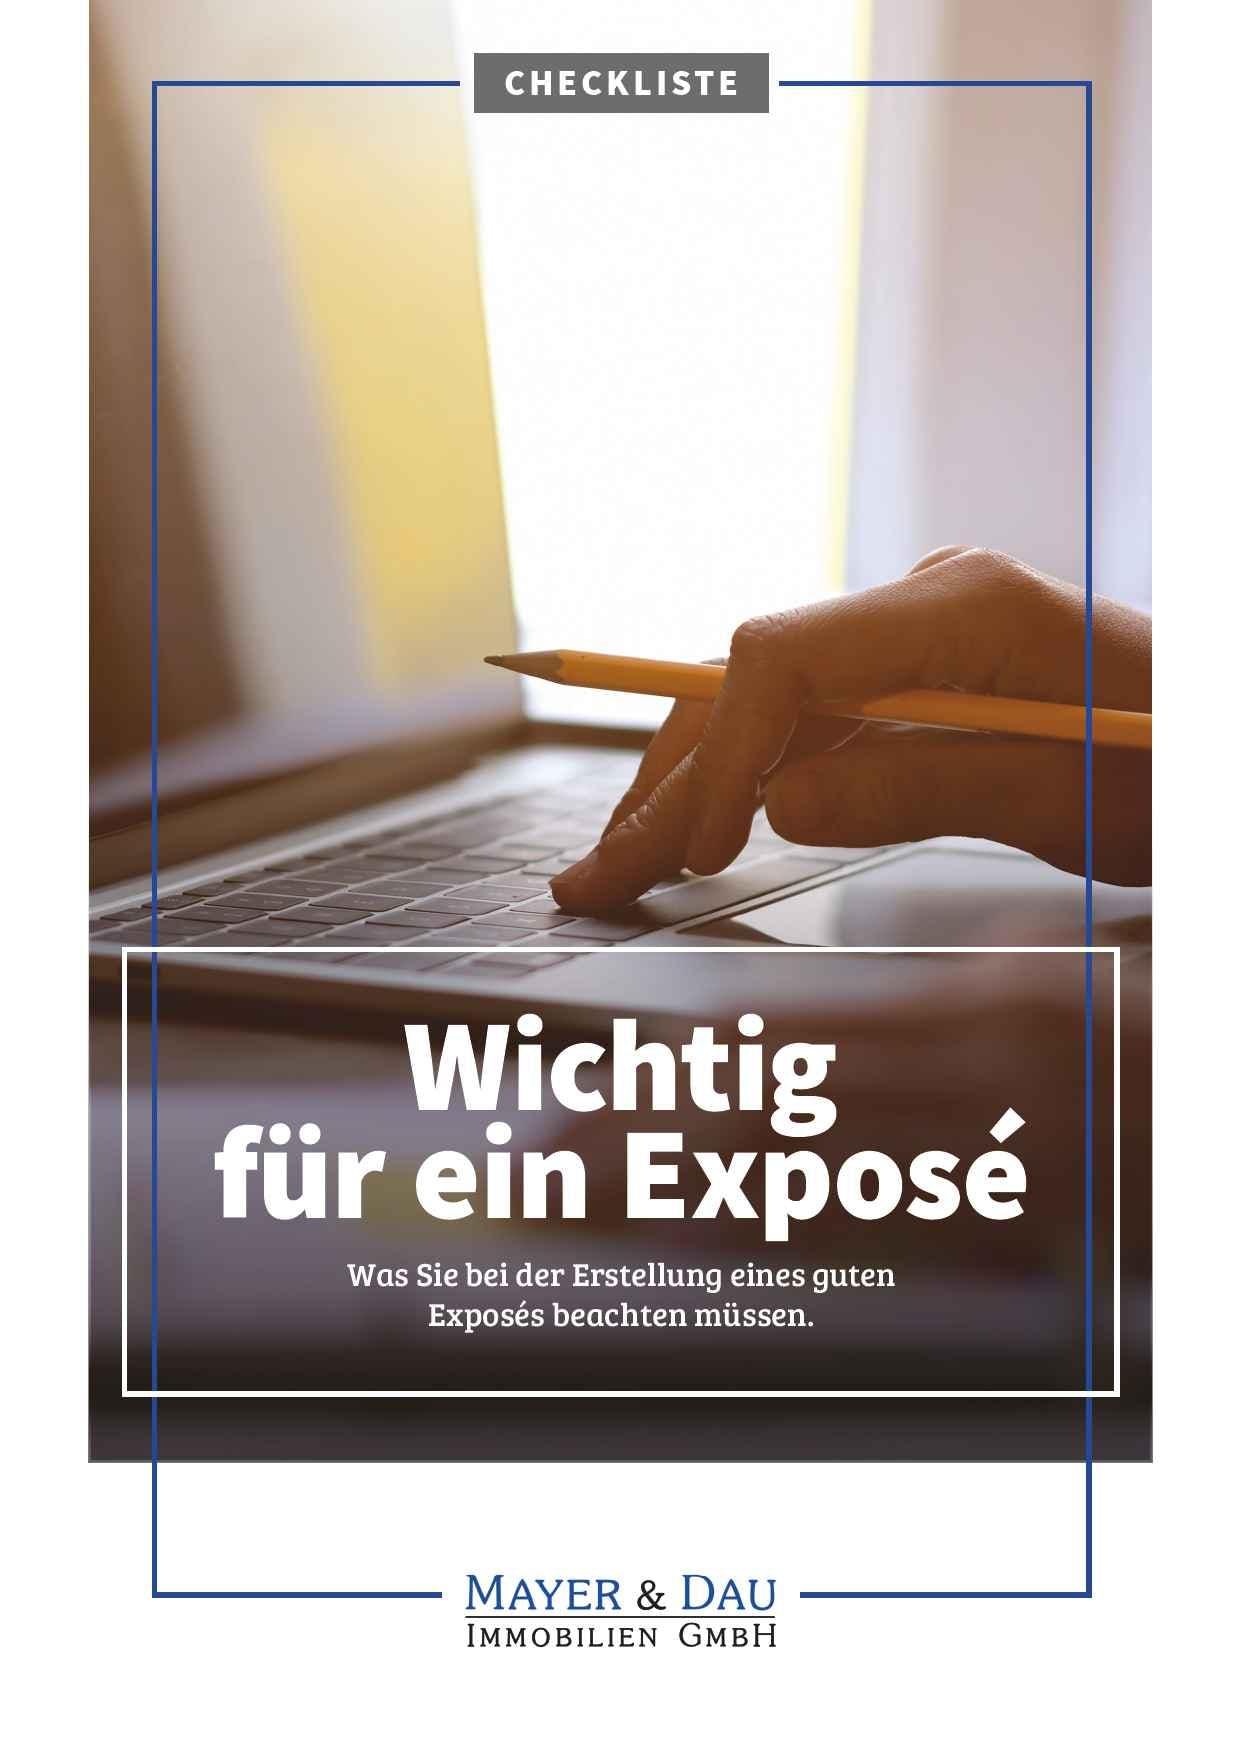 Mayer_und_Dau_Was_für_ein_gutes_Exposé_wichtig_ist_Cover